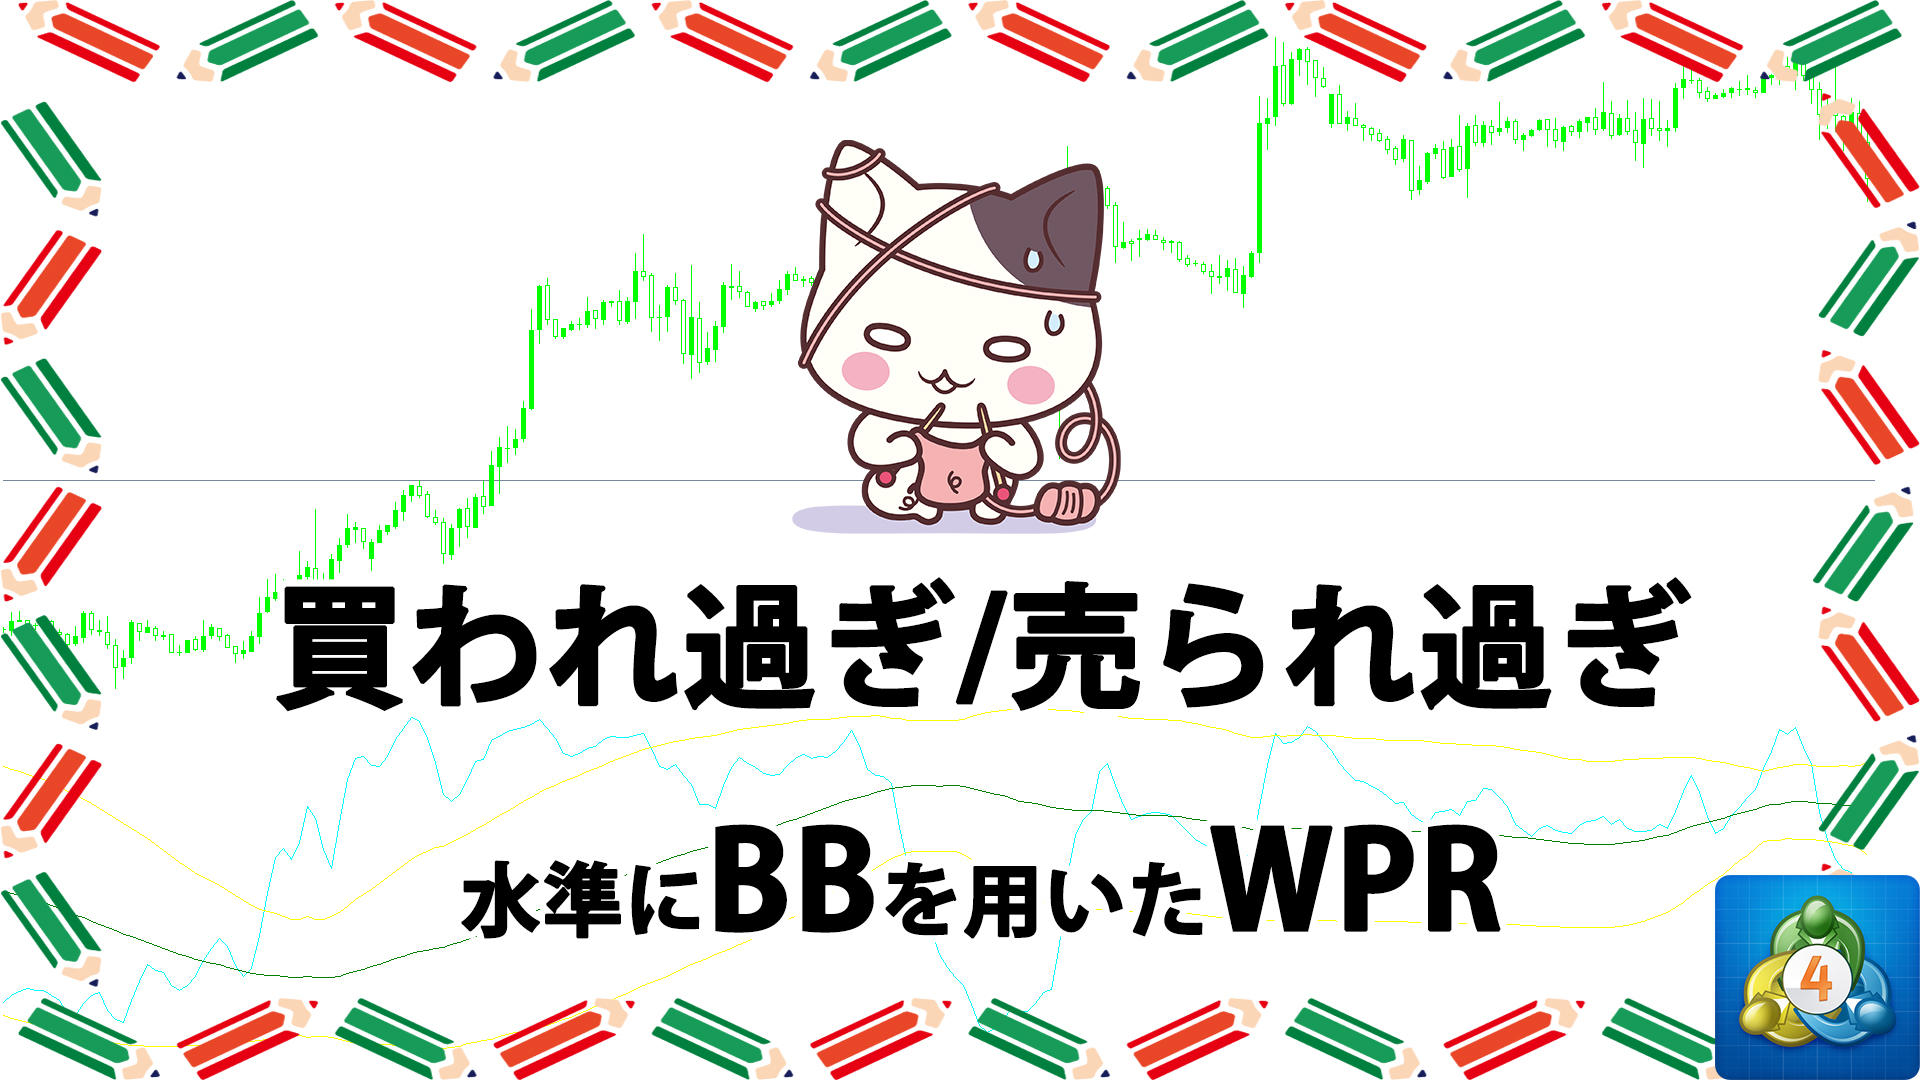 ボリンジャーバンドを買われ過ぎ/売られ過ぎ水準として用いるWPRを表示するMT4インジケーター「VininI_BB_MA_WPR(v1)」